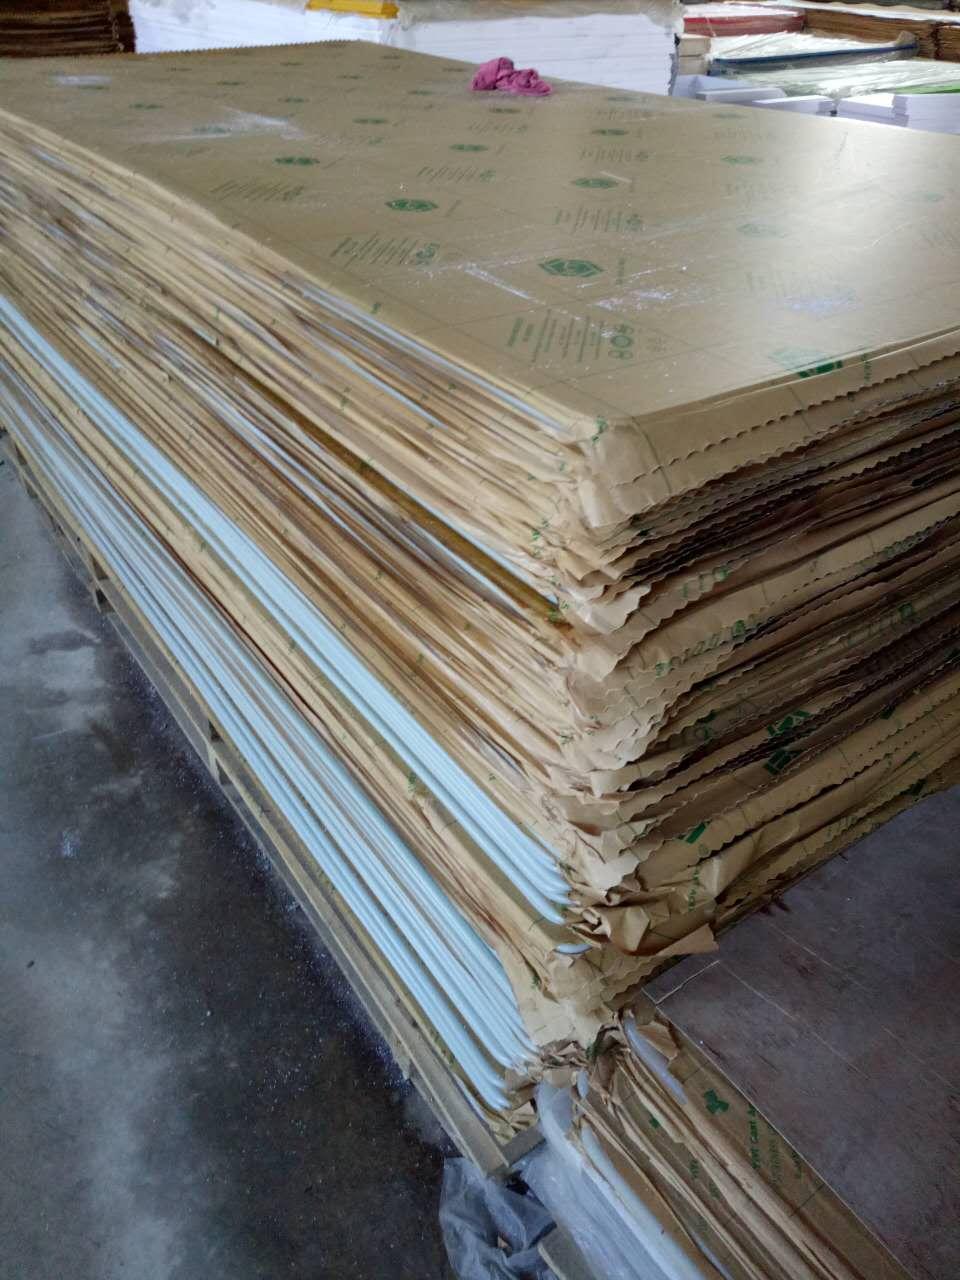 专业的透明亚克力彩弗板亚展板颜色亚克力_沈阳胜达广告材料批发供应安全的彩弗板